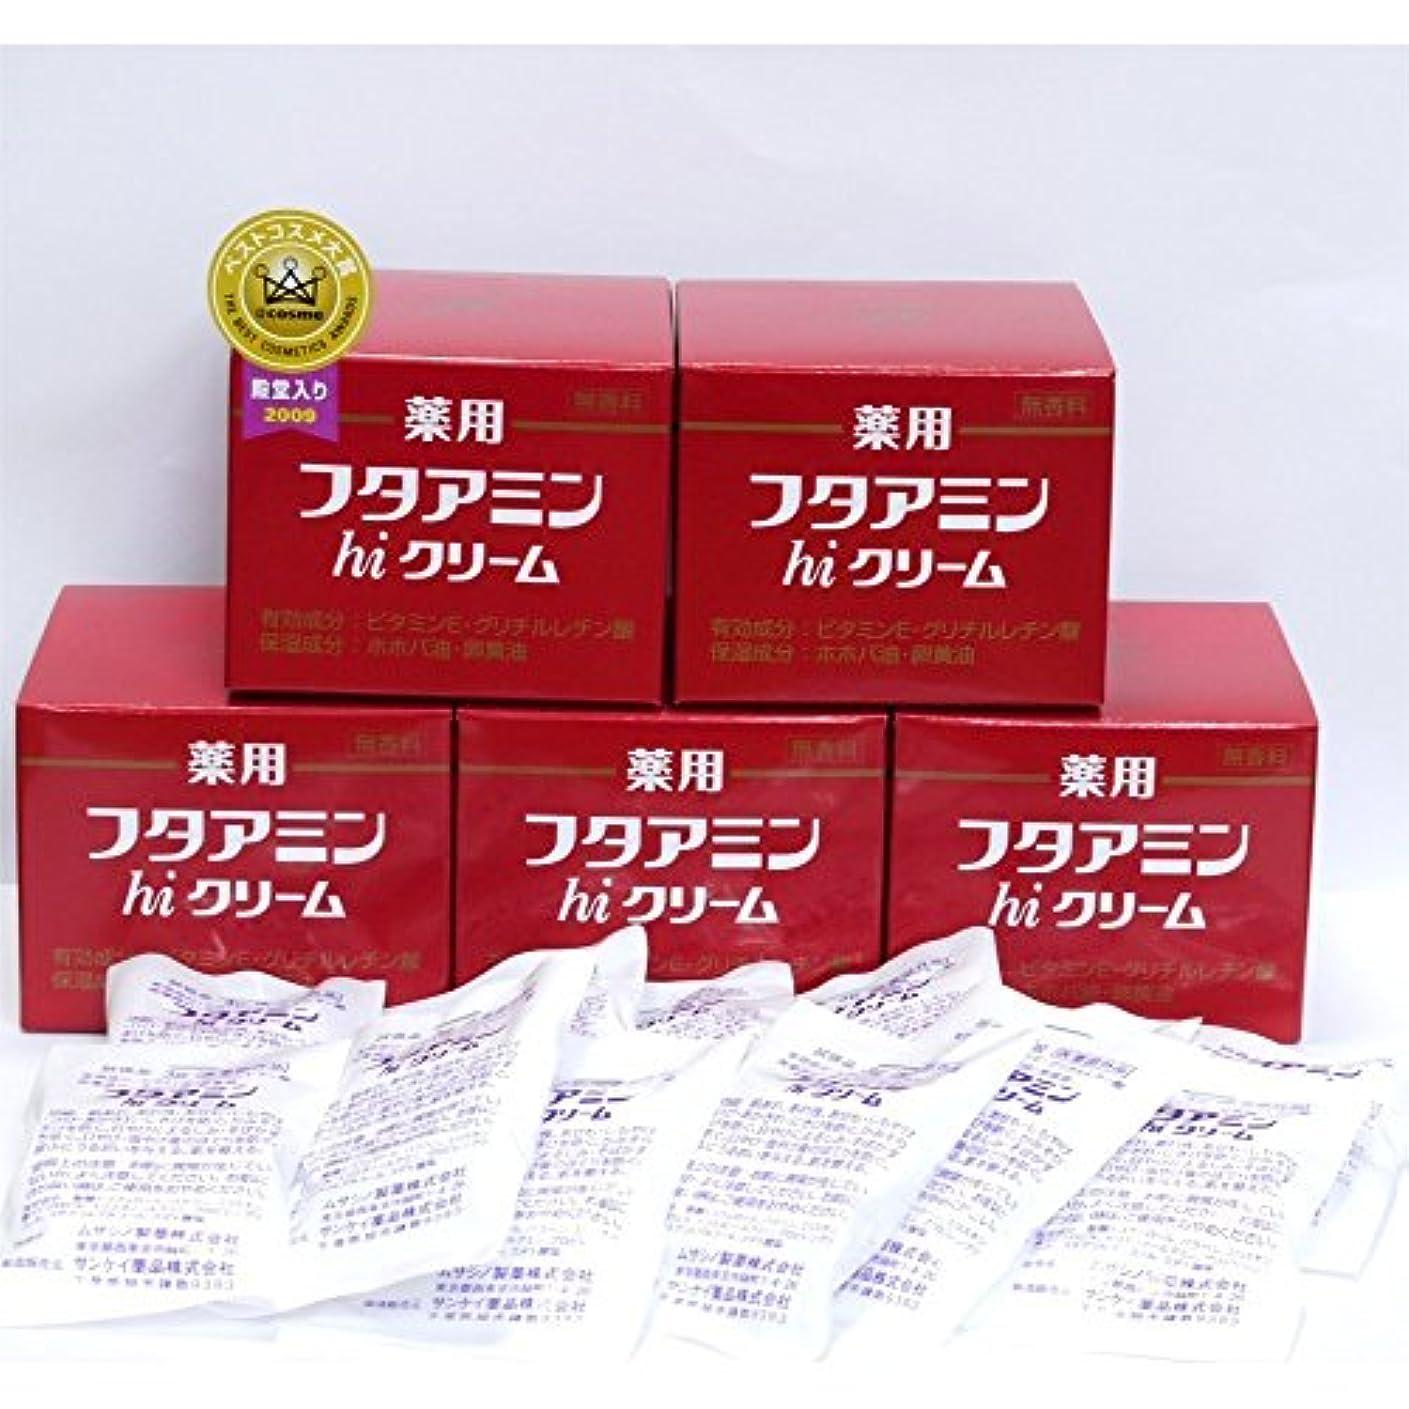 詳細な好ましい悔い改め薬用 フタアミンhiクリーム 130g  5個セット 3gお試品×12個付